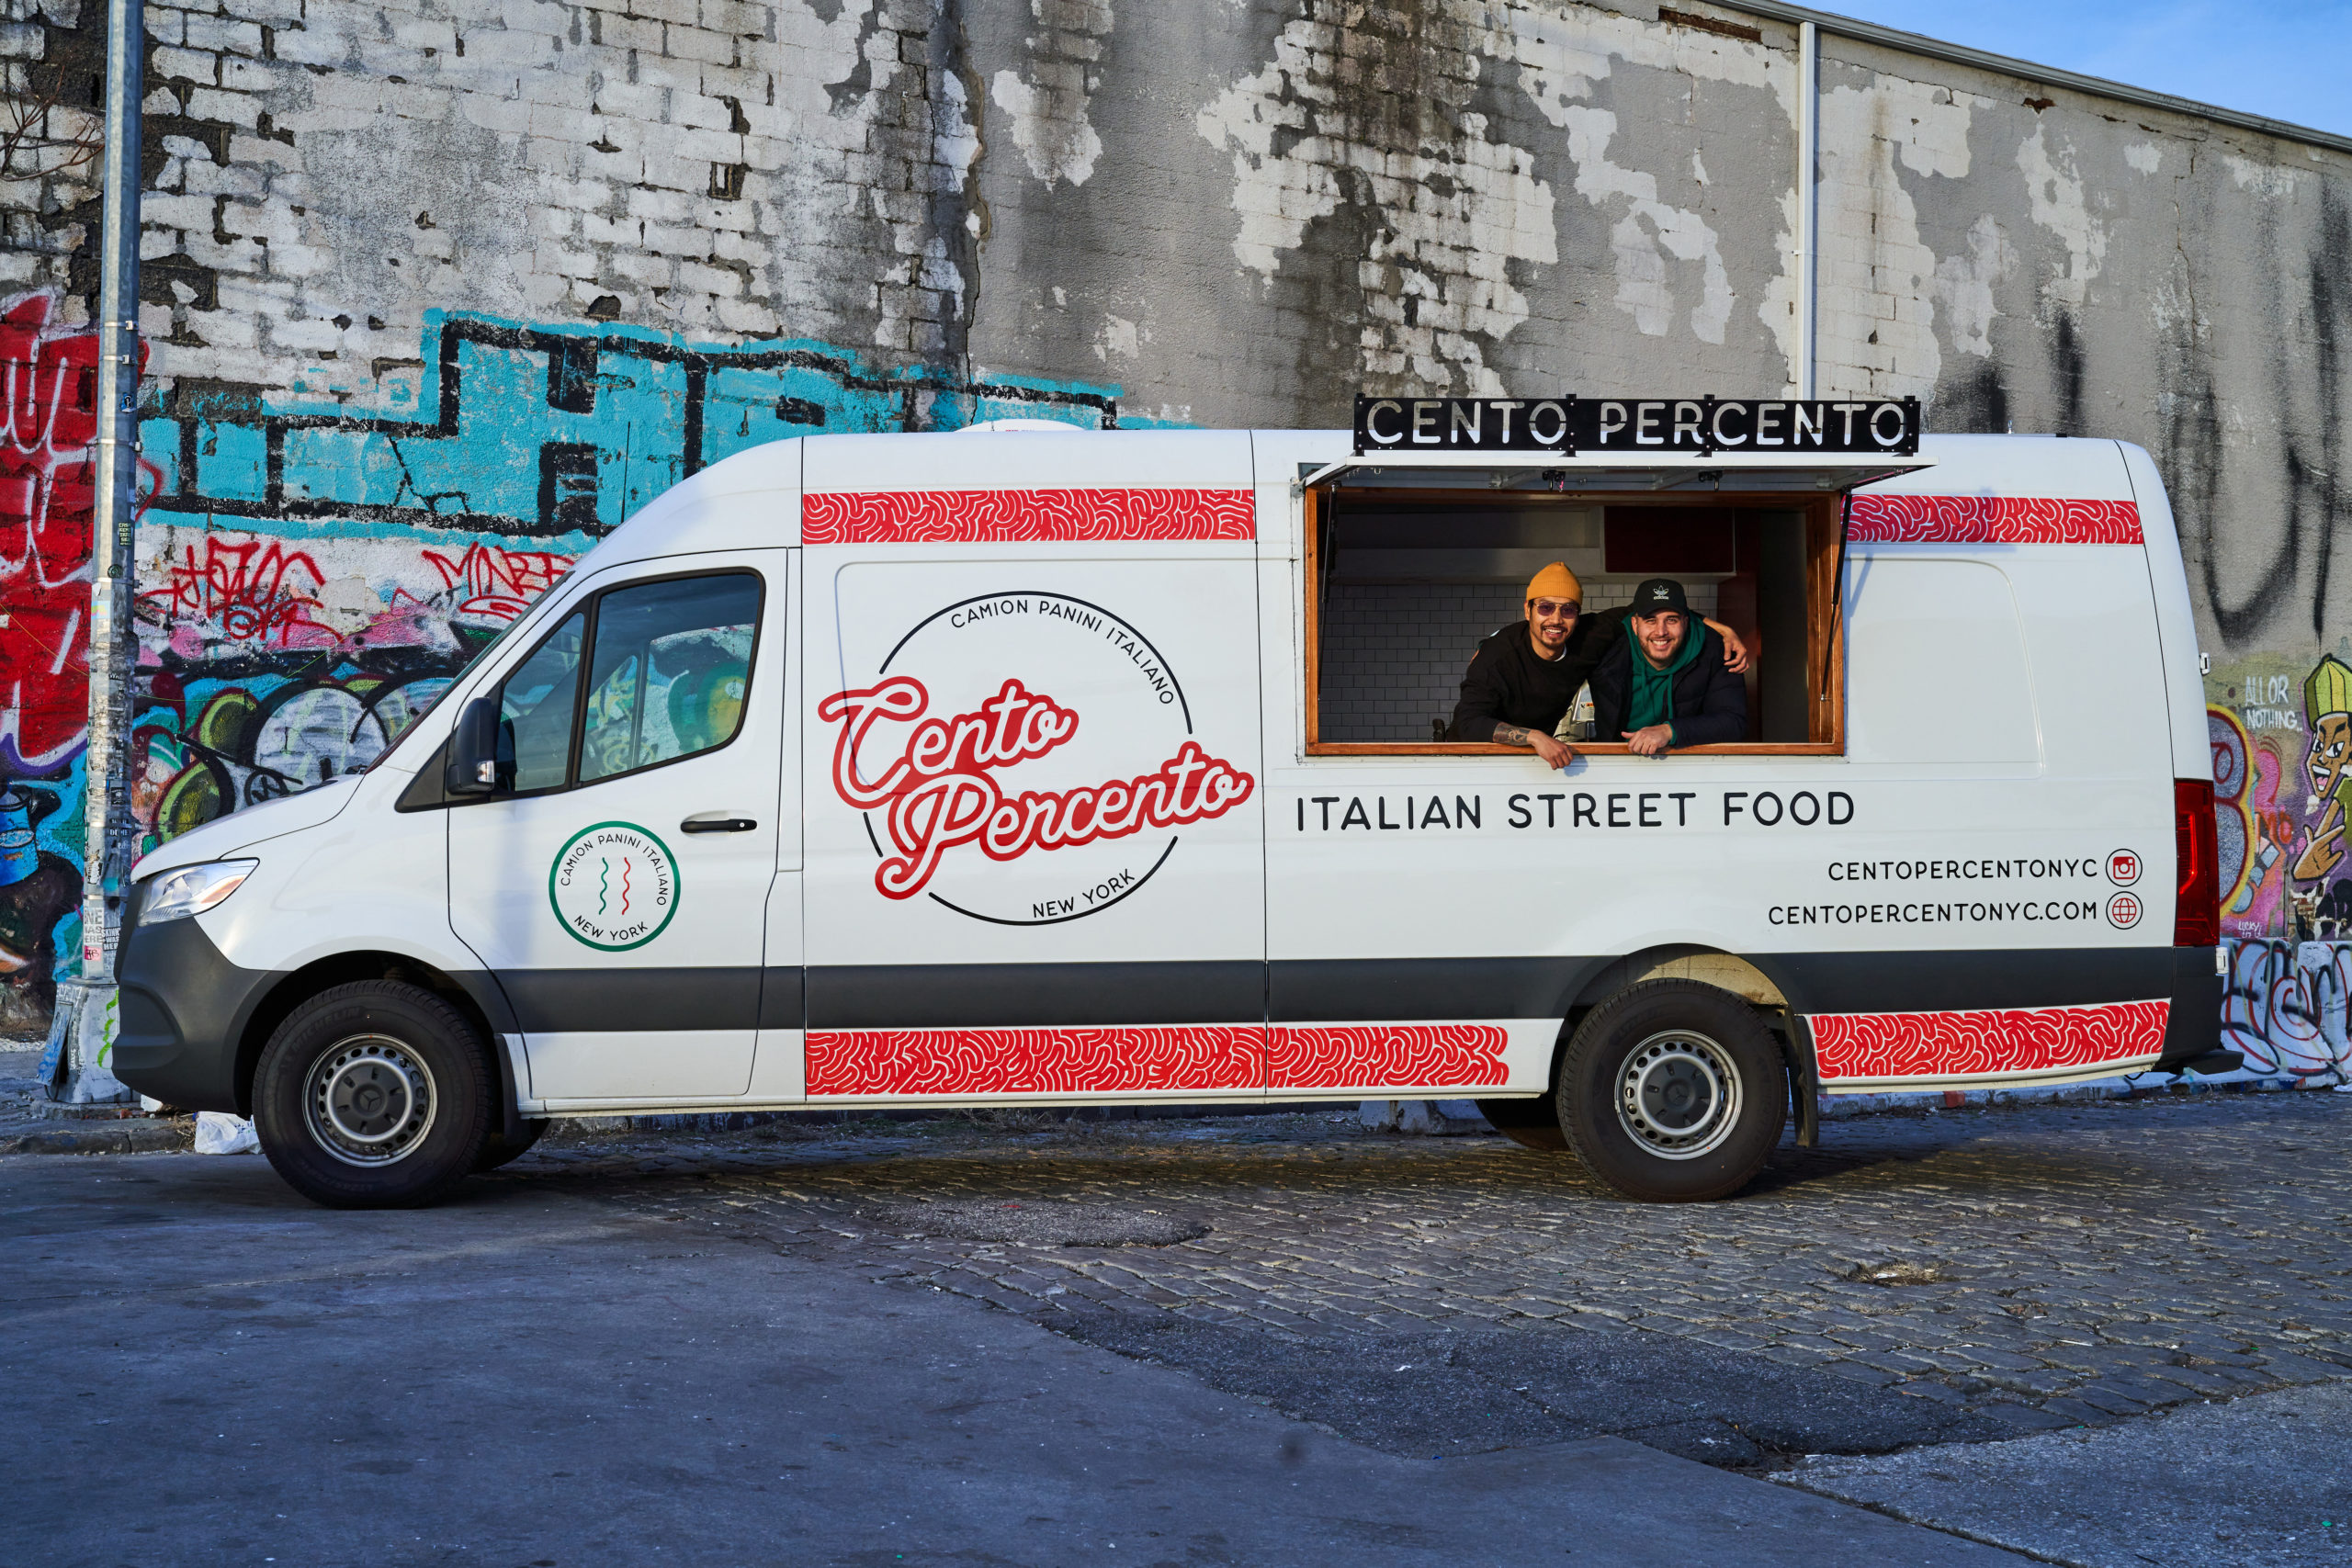 Cento Percento NYC Italian Catering